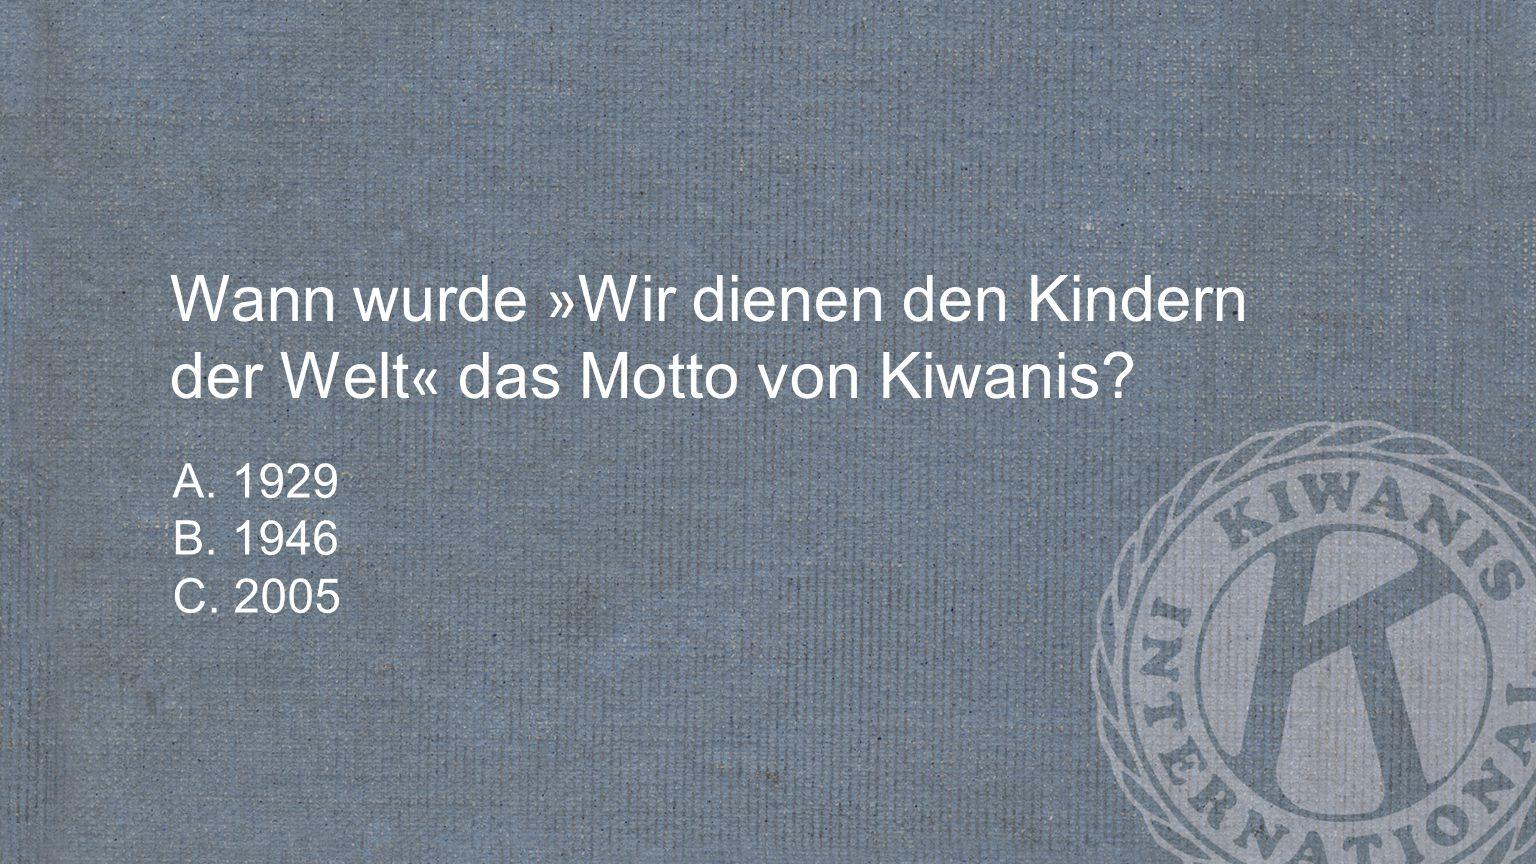 Wann wurde » Wir dienen den Kindern der Welt « das Motto von Kiwanis? A. 1929 B. 1946 C. 2005